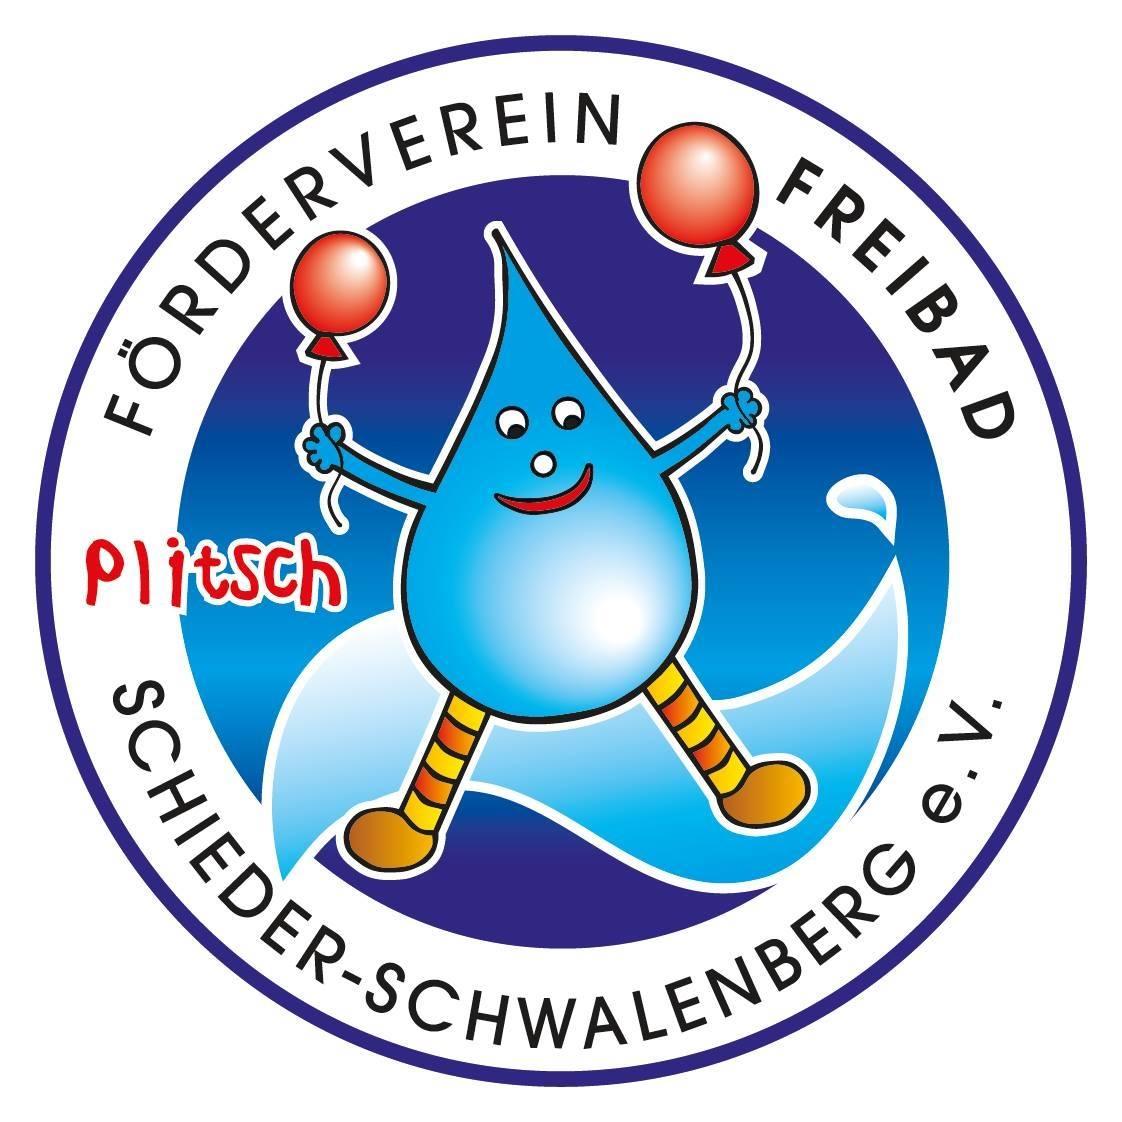 Freibad Schieder-Schwalenberg